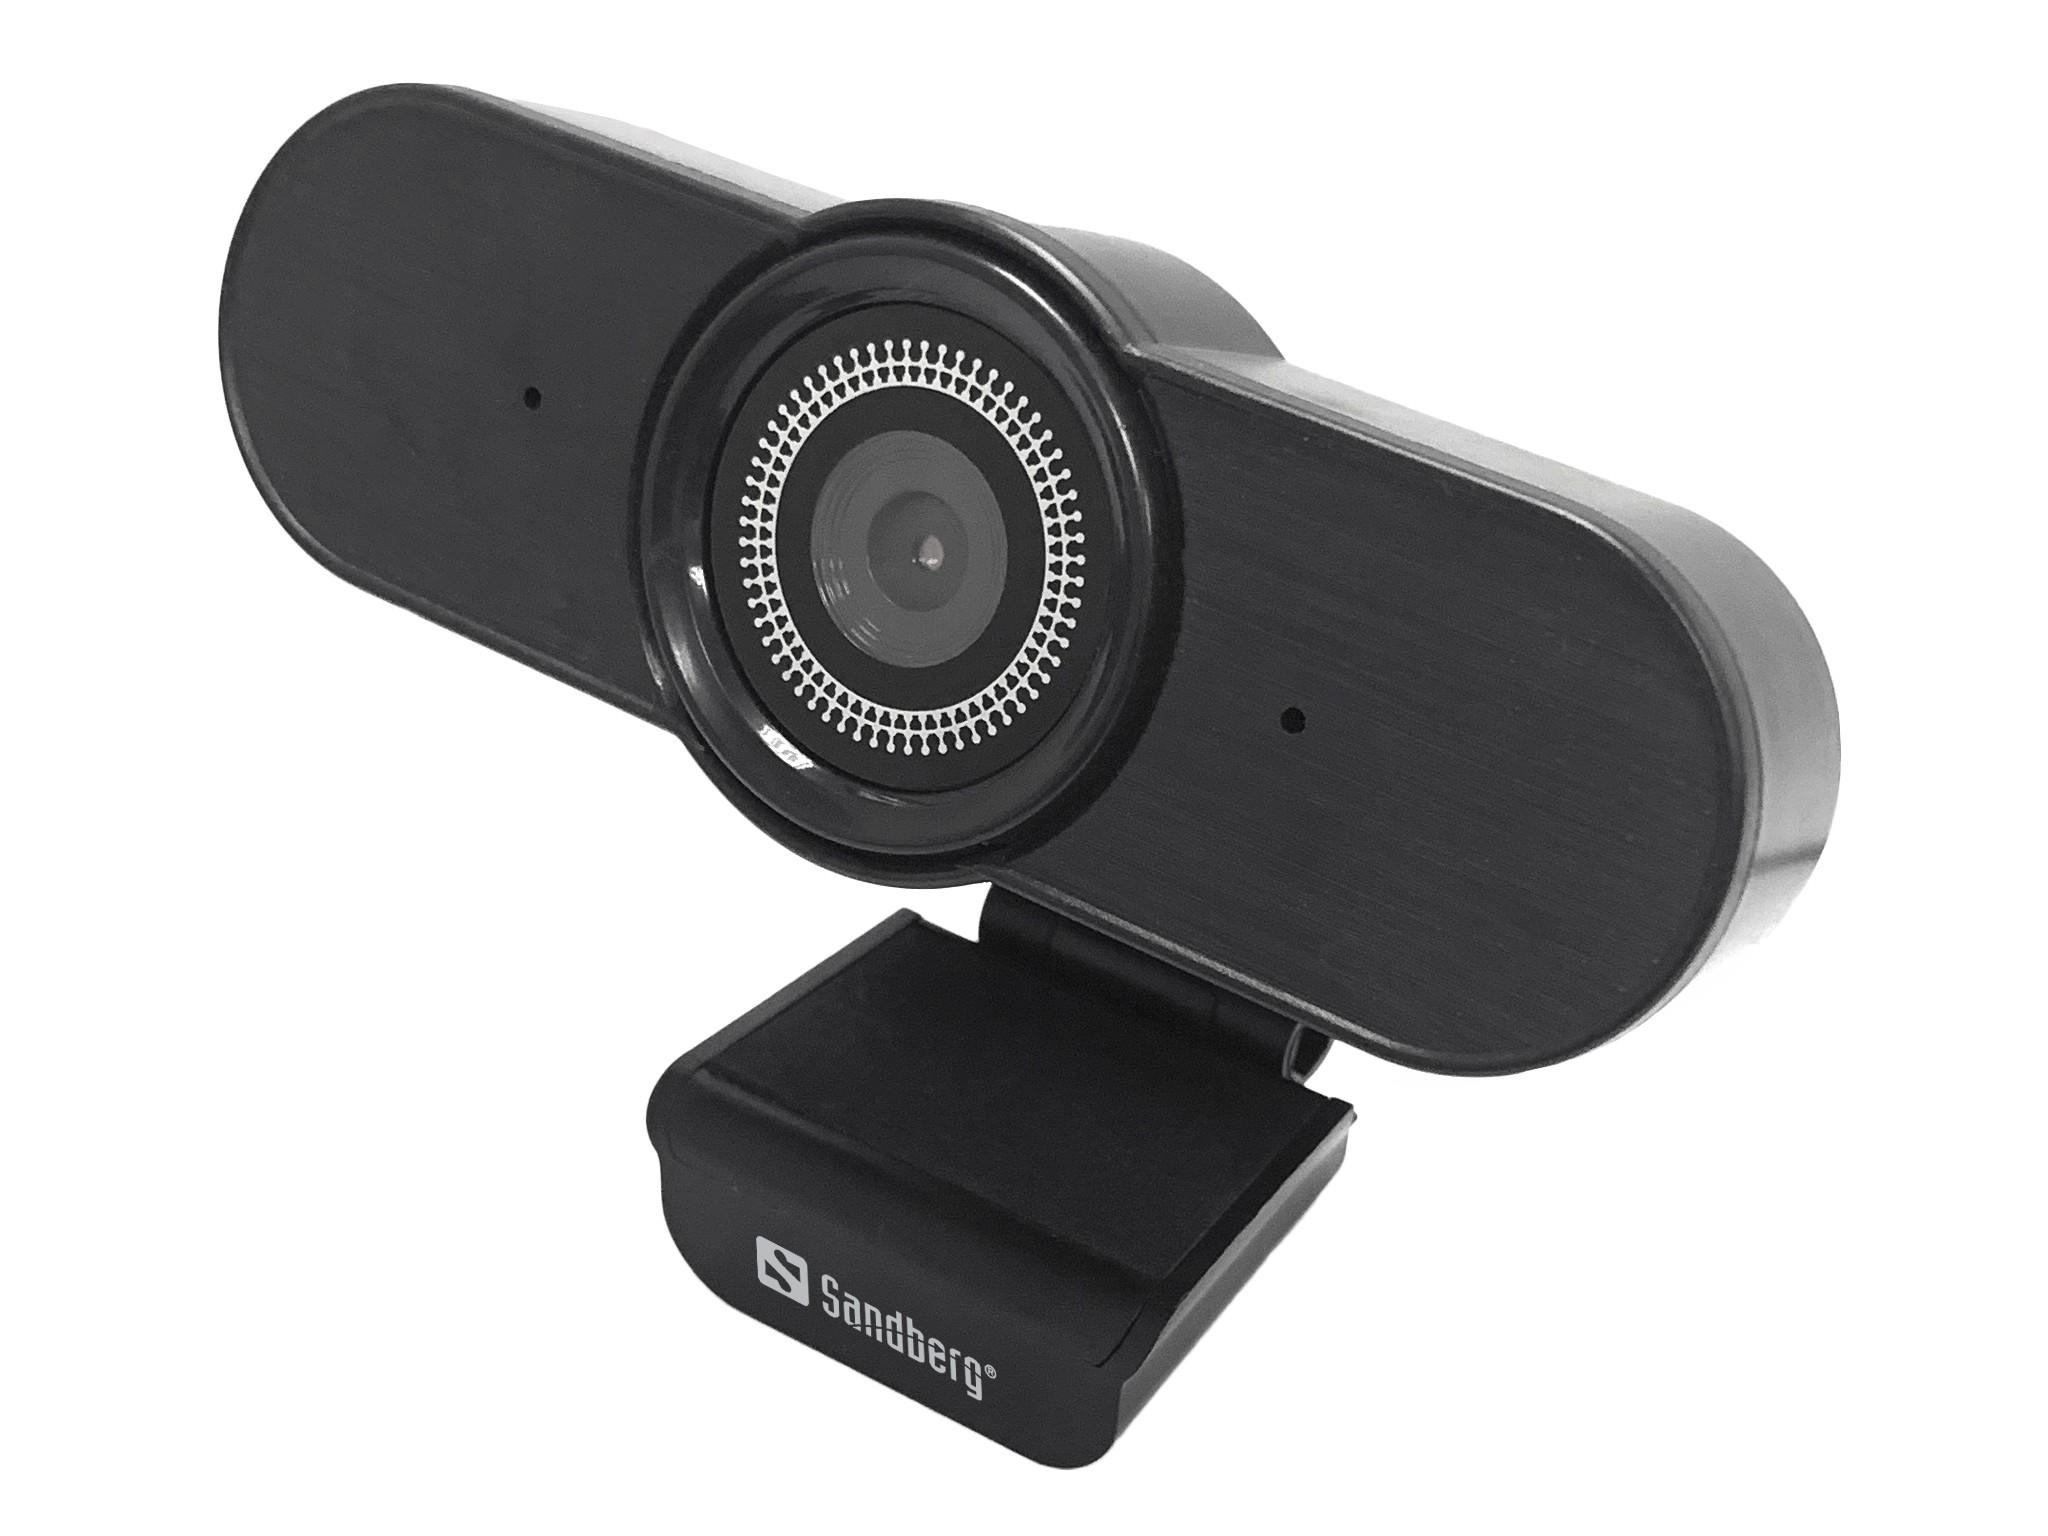 Sandberg 134-20 webcam 1920 x 1080 Pixels USB 2.0 Zwart